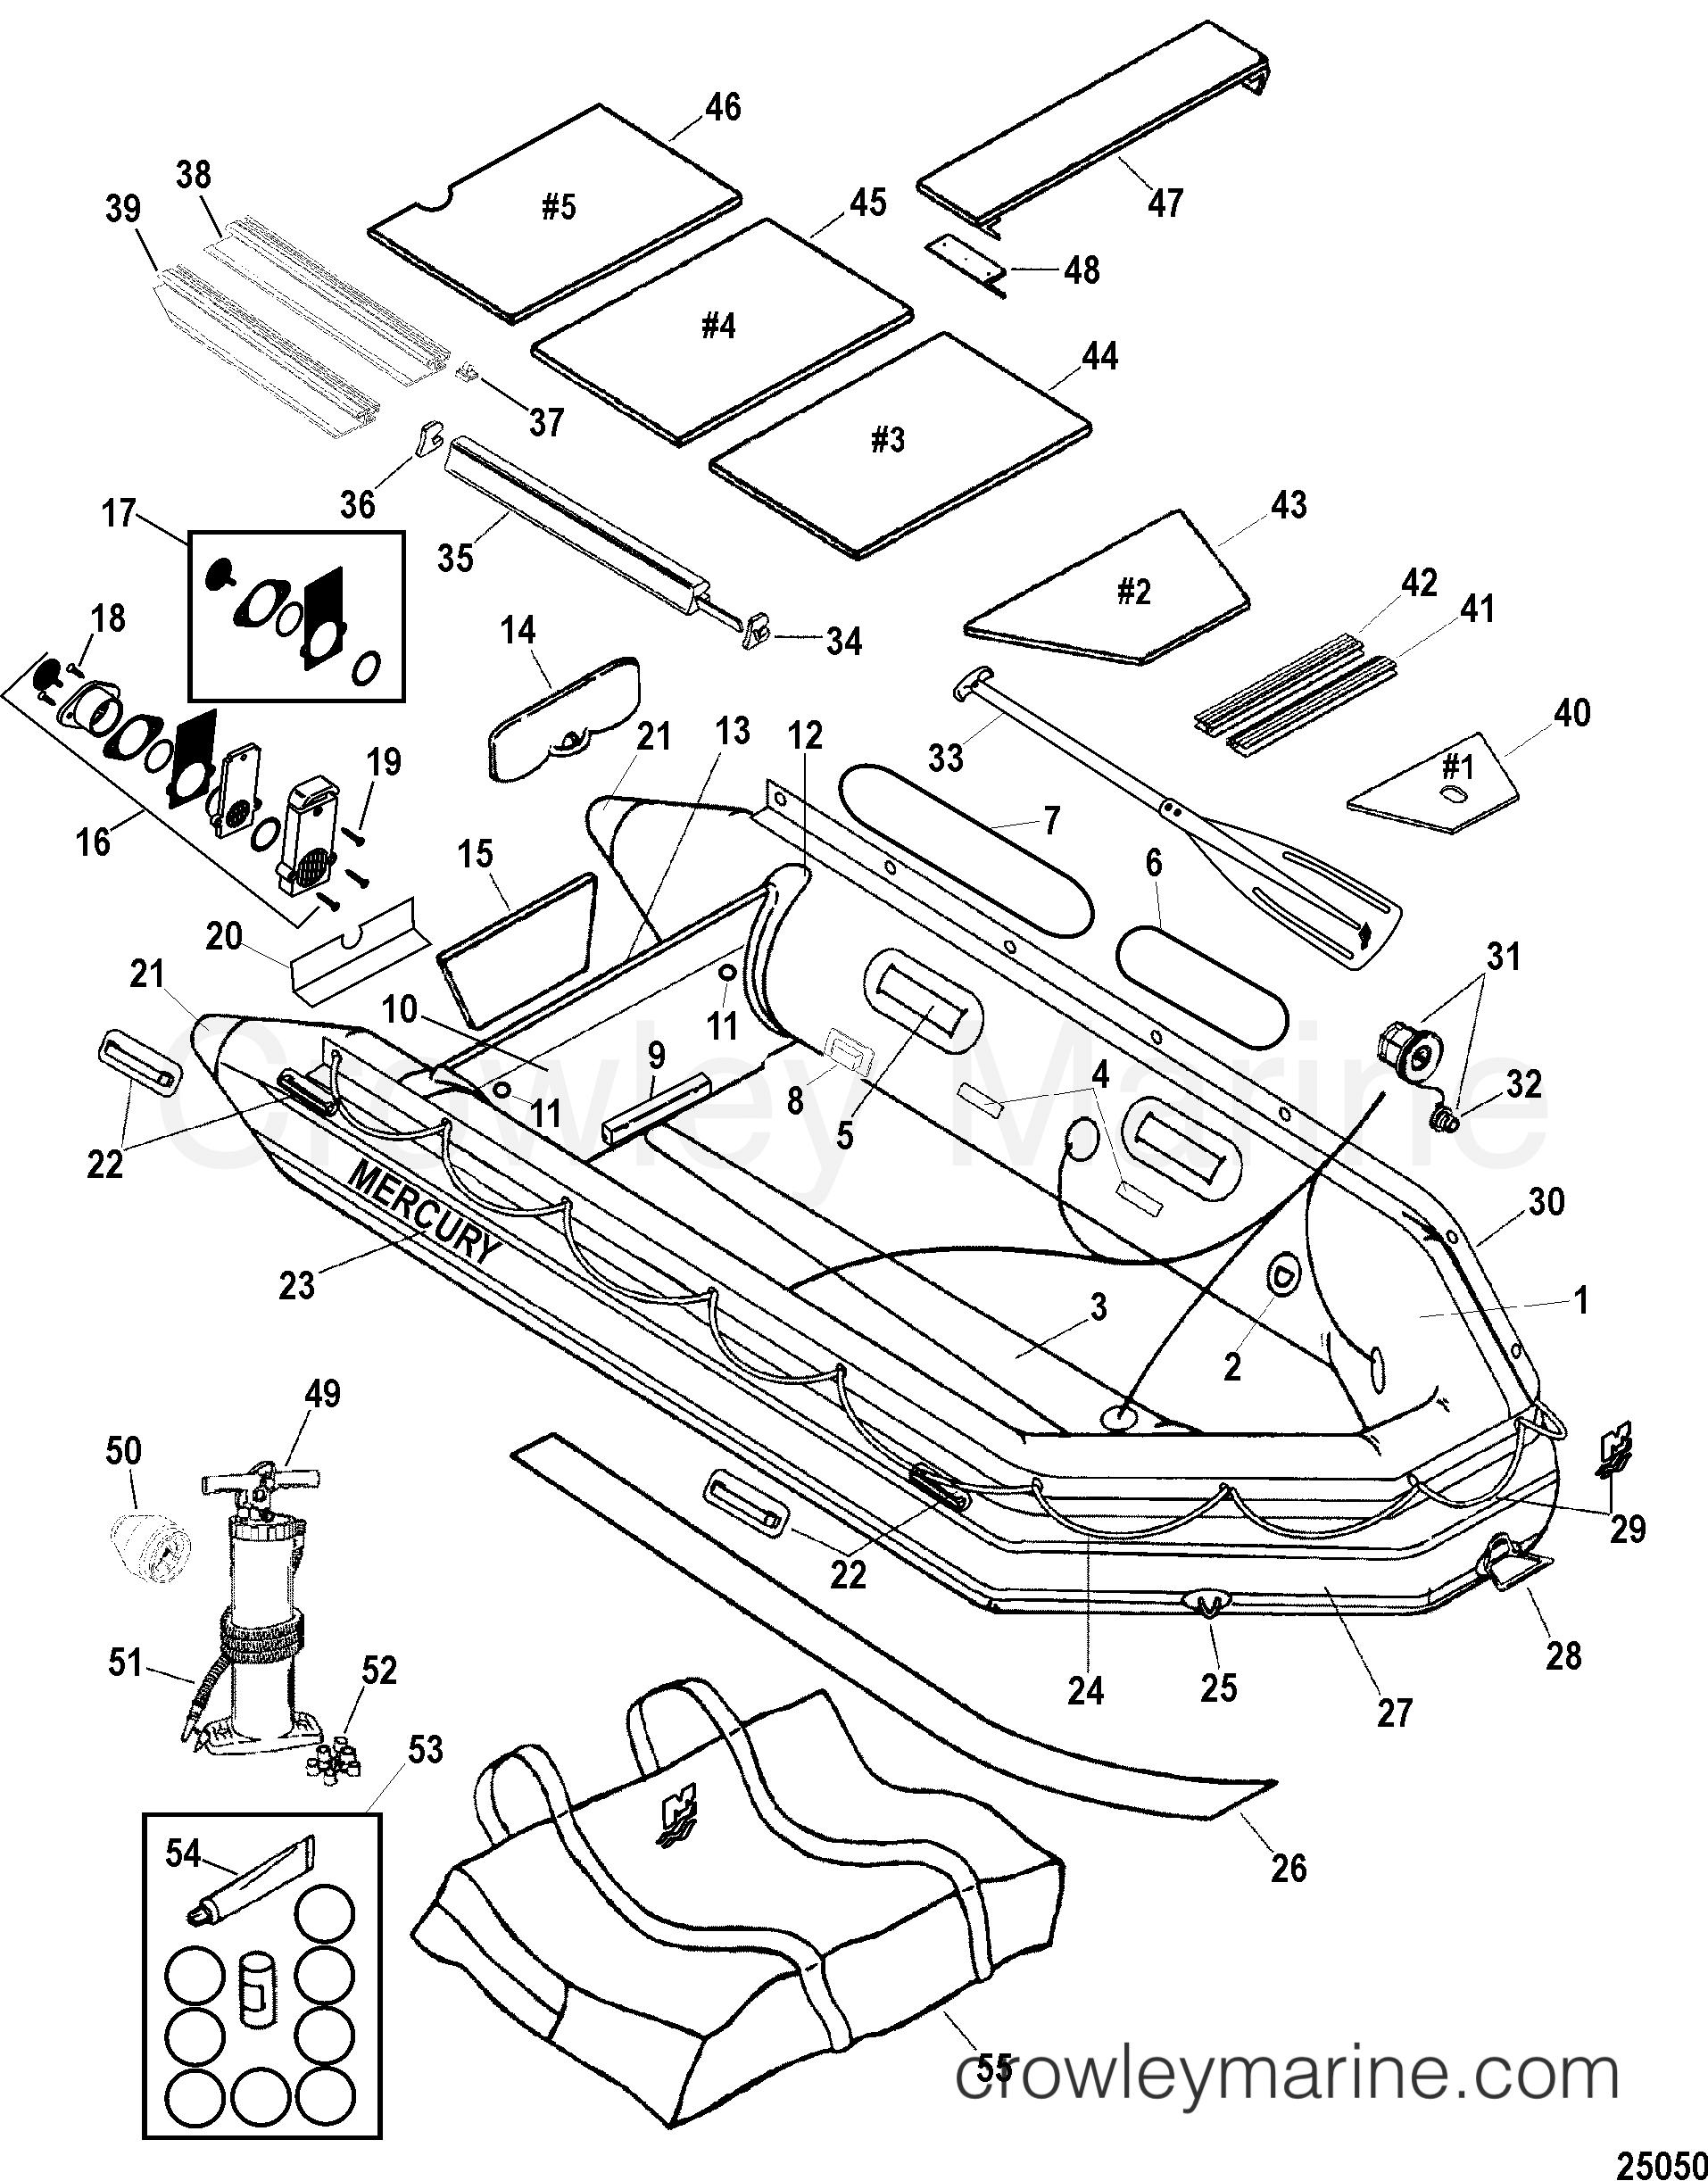 Rotax Wiring Diagram And Schematics 2 Stroke Engine Wire 4k Wallpapers Design Rh Imageswiki Info 787